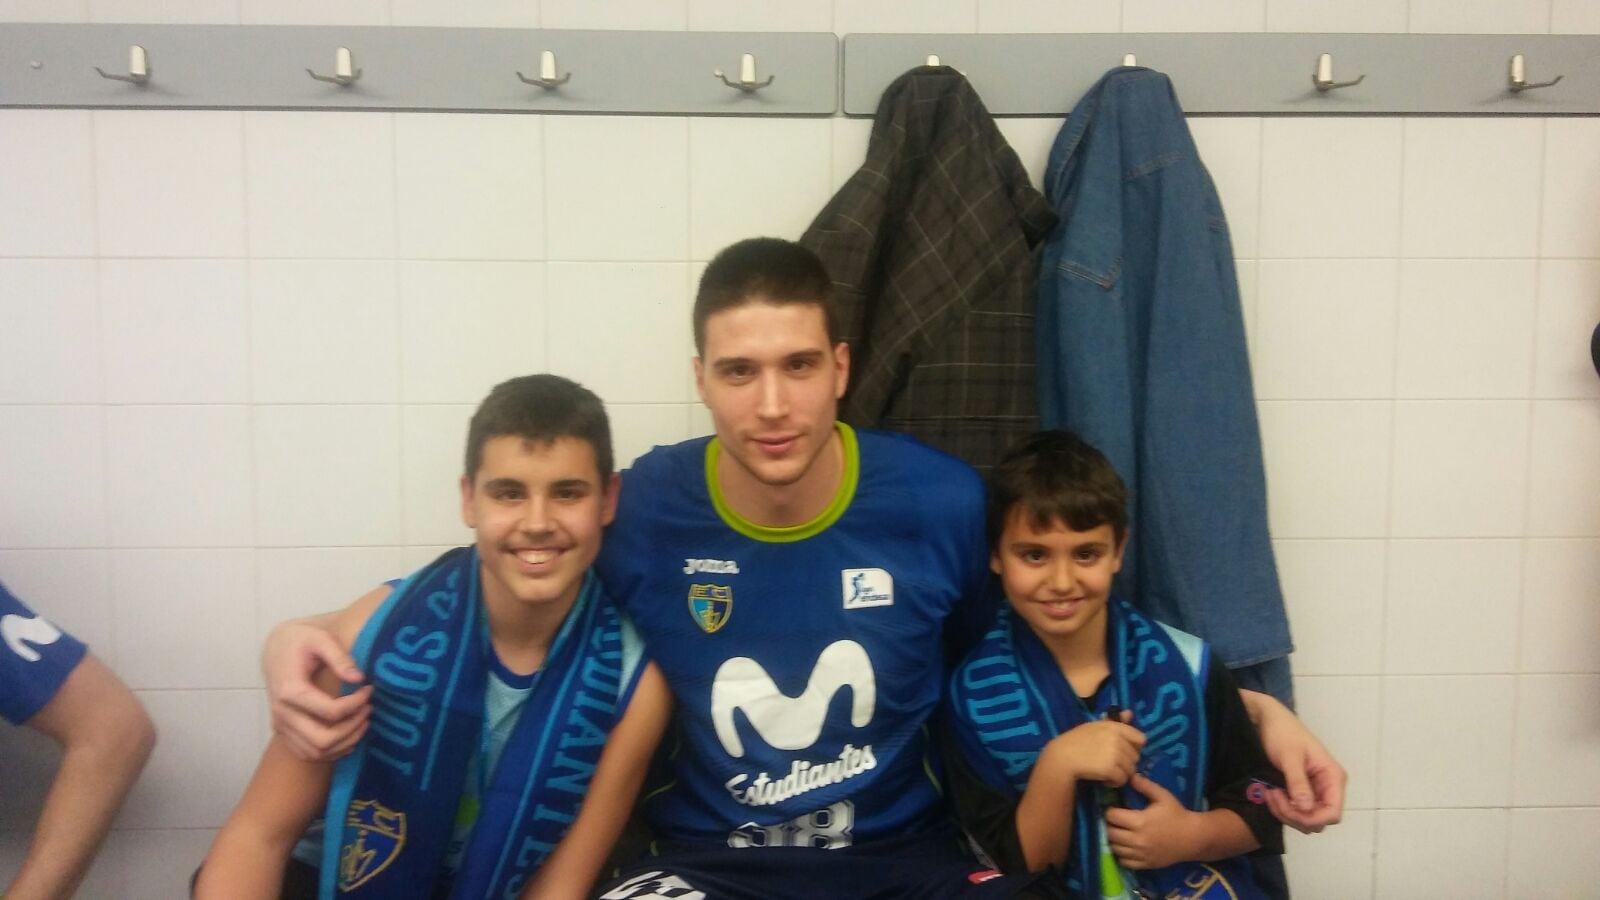 Así fue la experiencia VIP Vive Movistar de la familia García en el Movistar Estudiantes- FC Barcelona Lassa